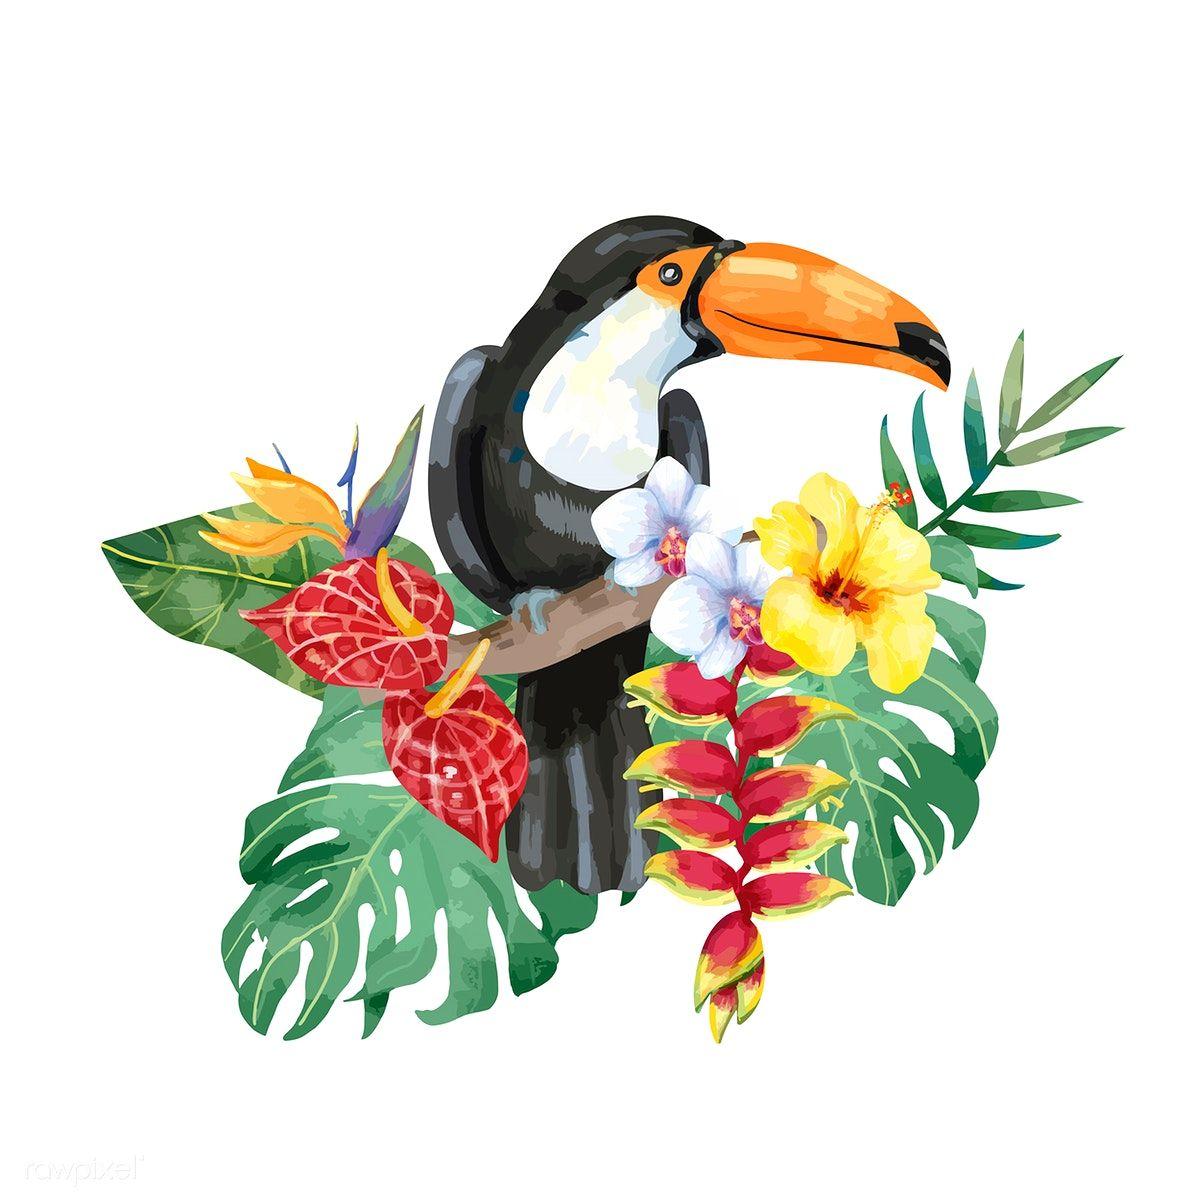 того, тропическая птица рисунок даже называли